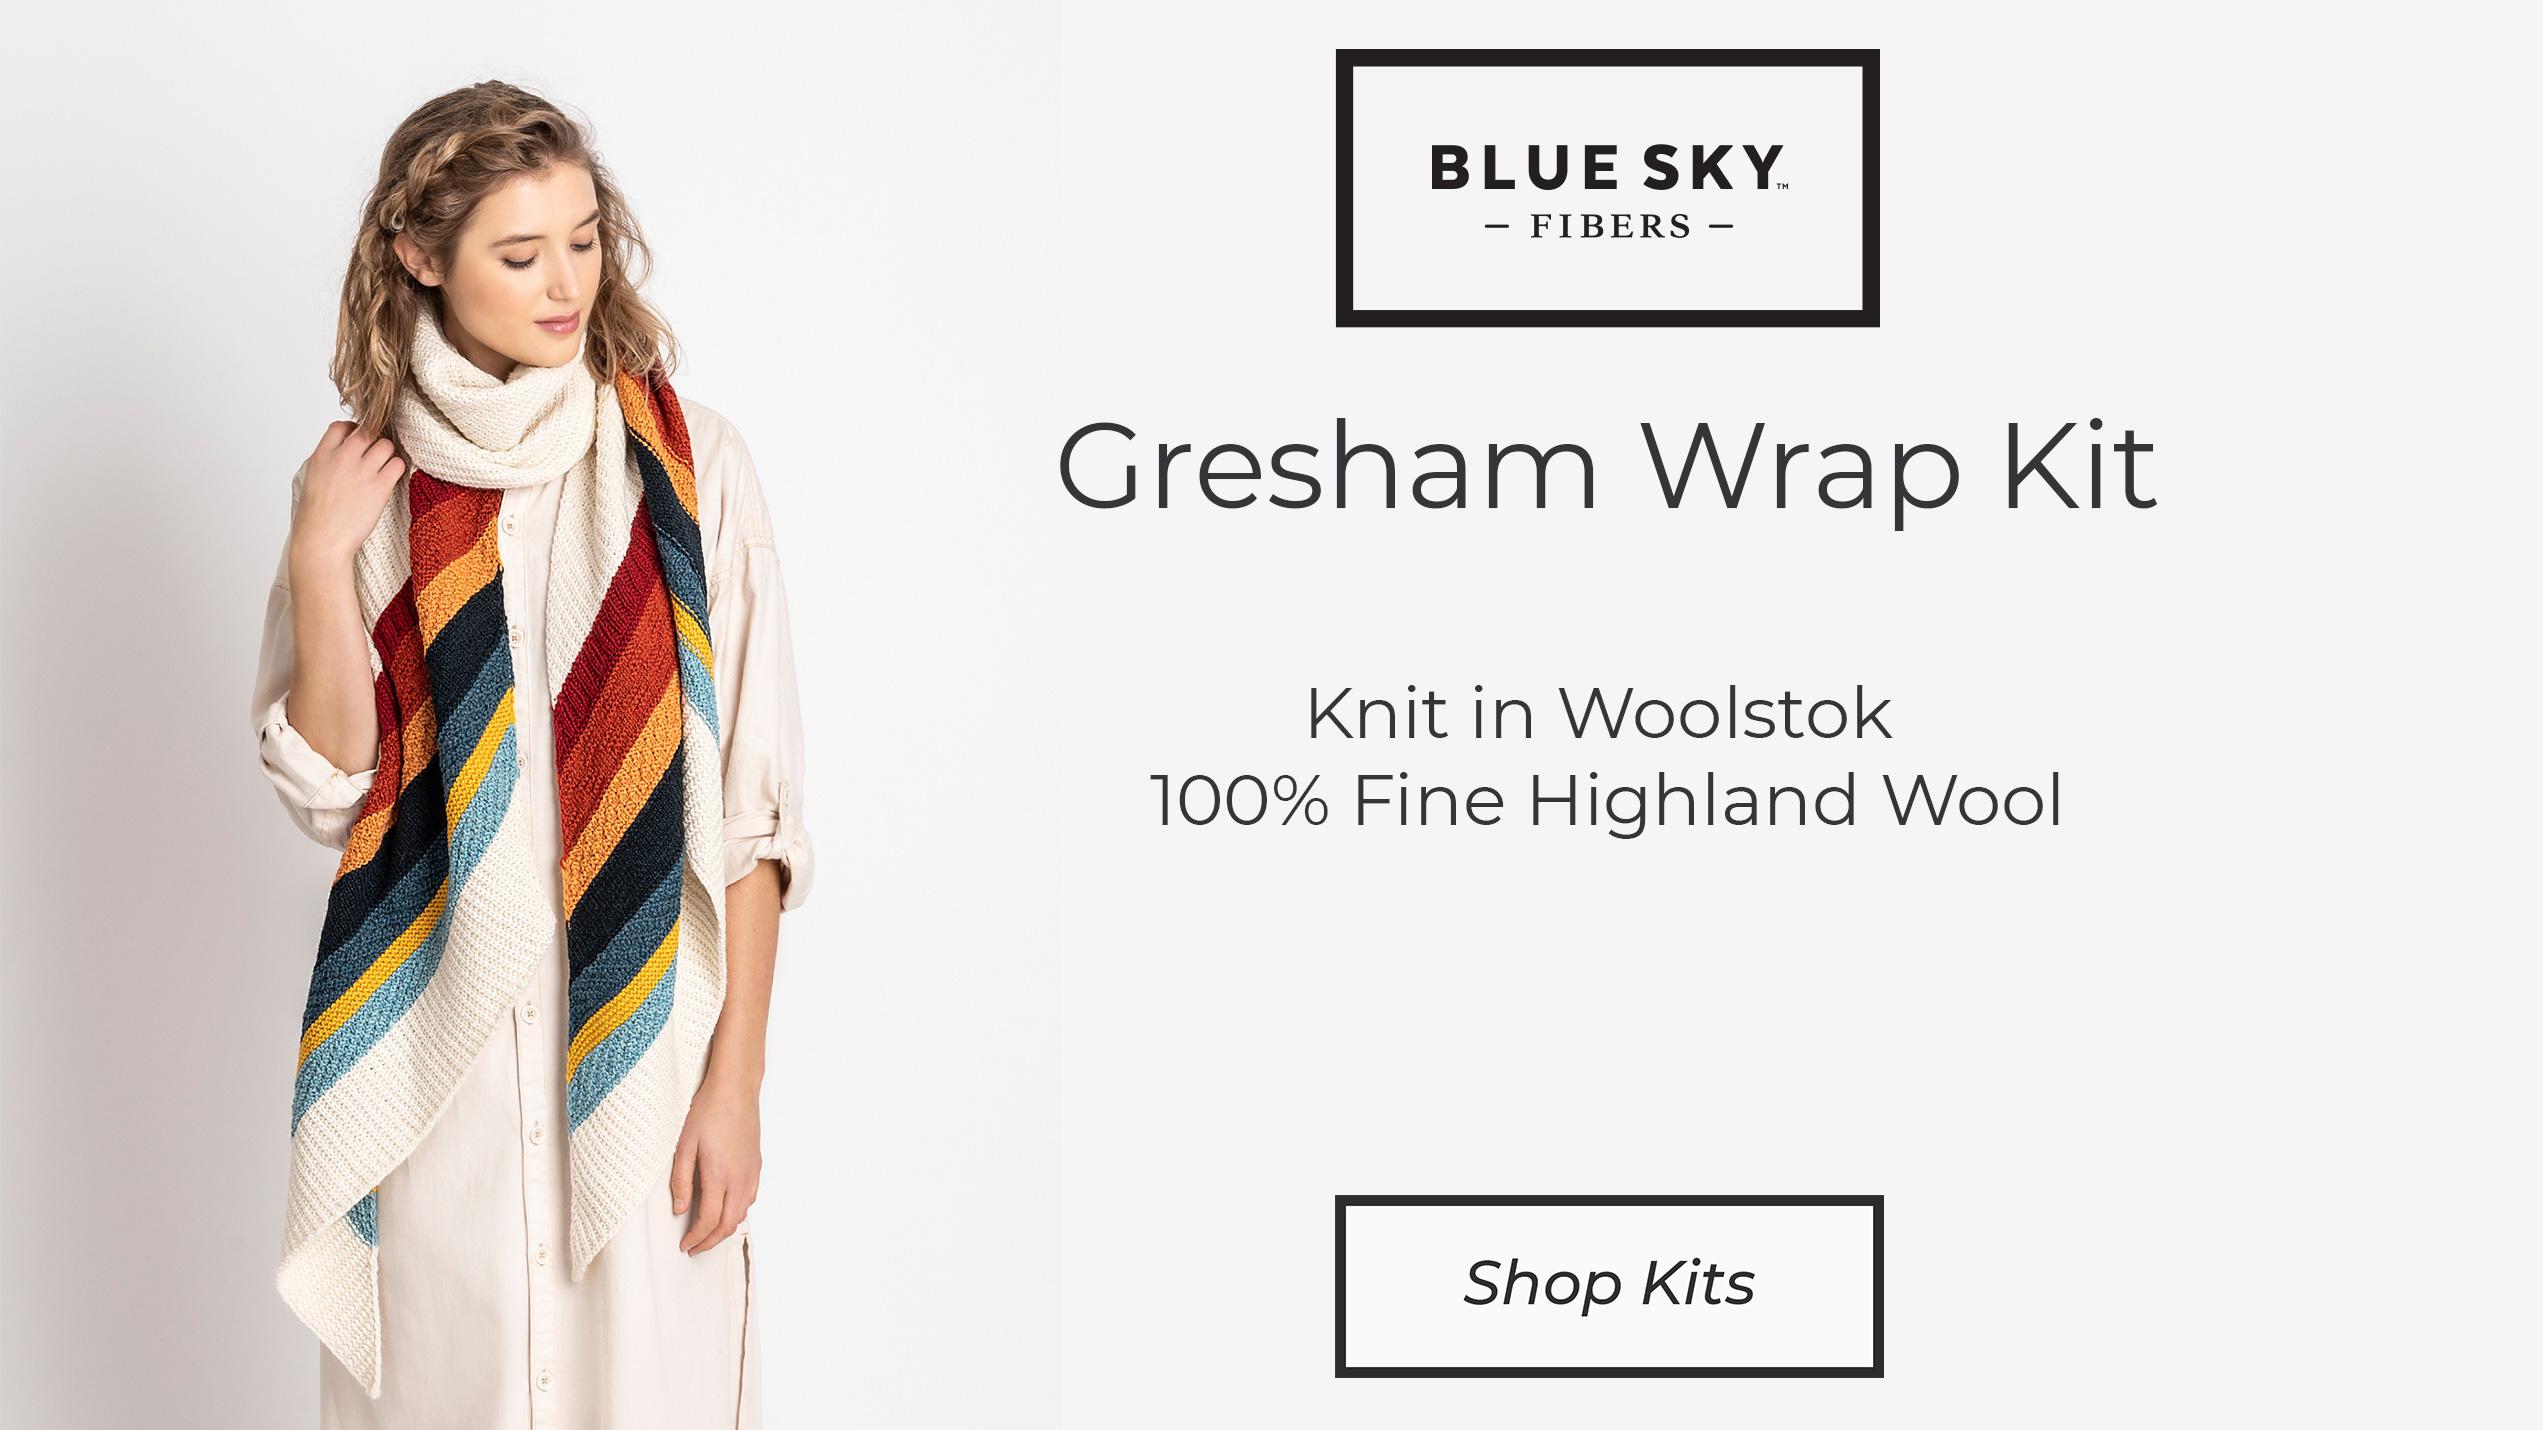 Image of Gresham Wrap Kit